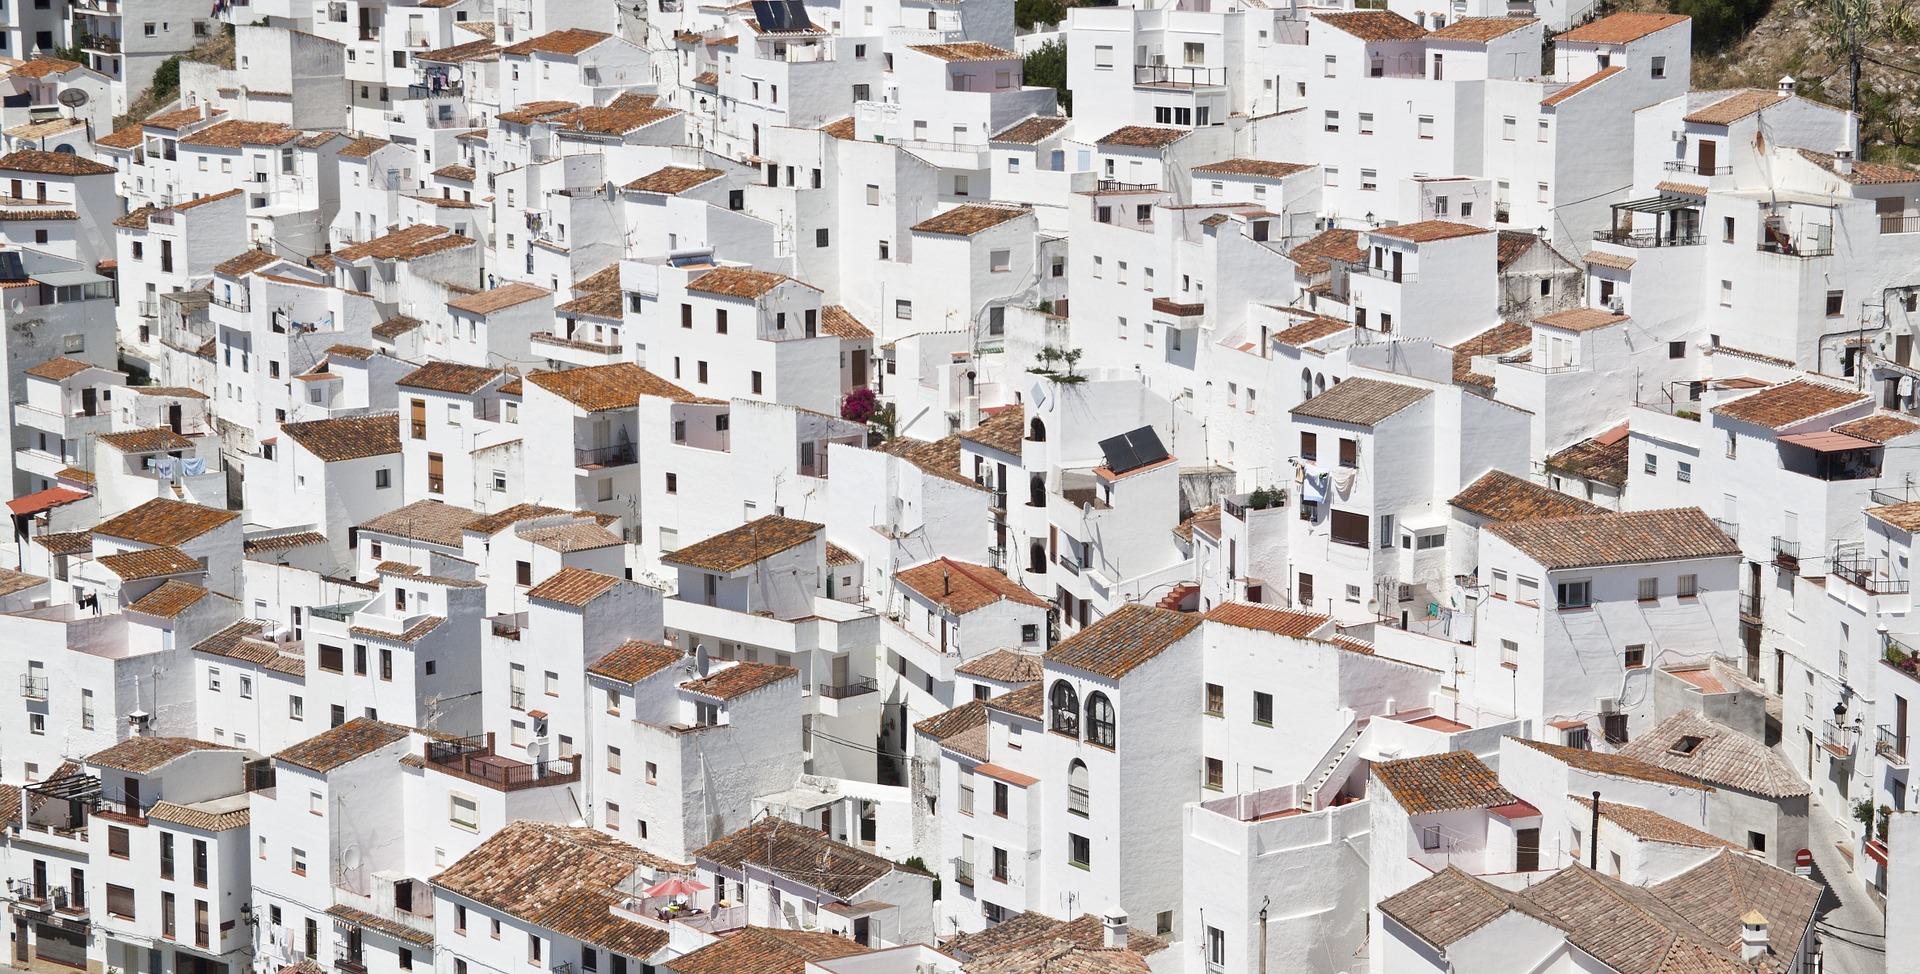 Van még fejlődési lehetőség az ingatlanszektorban